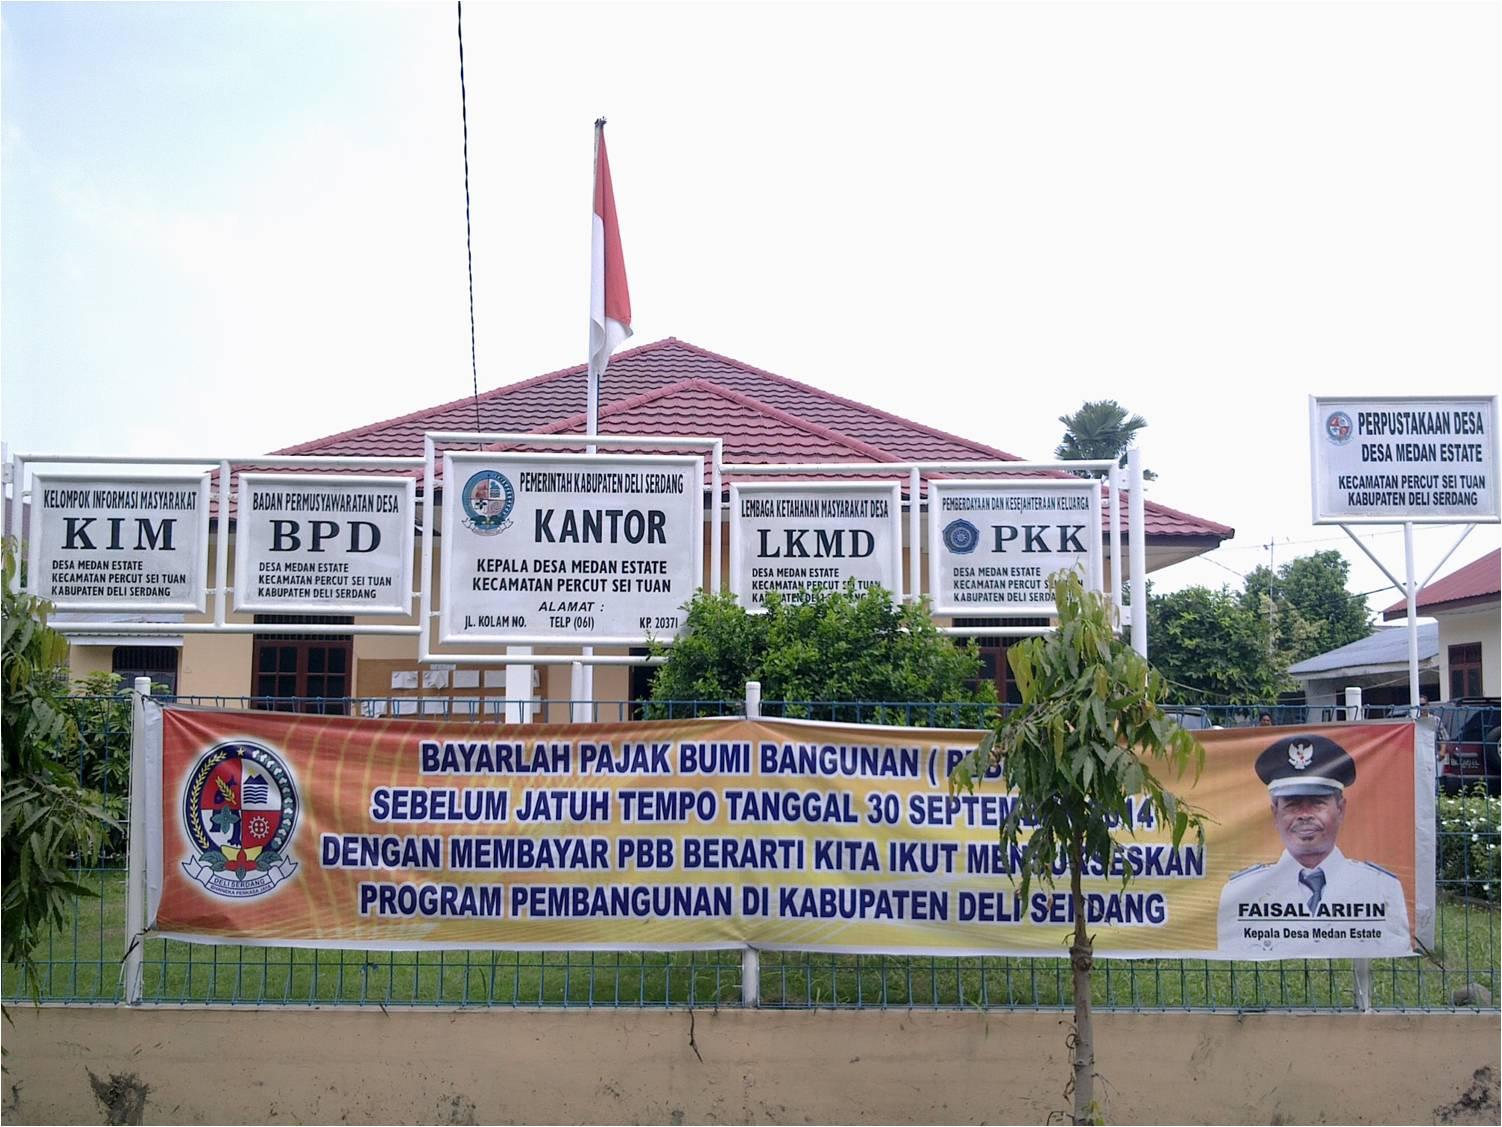 Sejarah Desa Medan Estate Kecamatan Percut Sei Tuan Didirikan Sejak